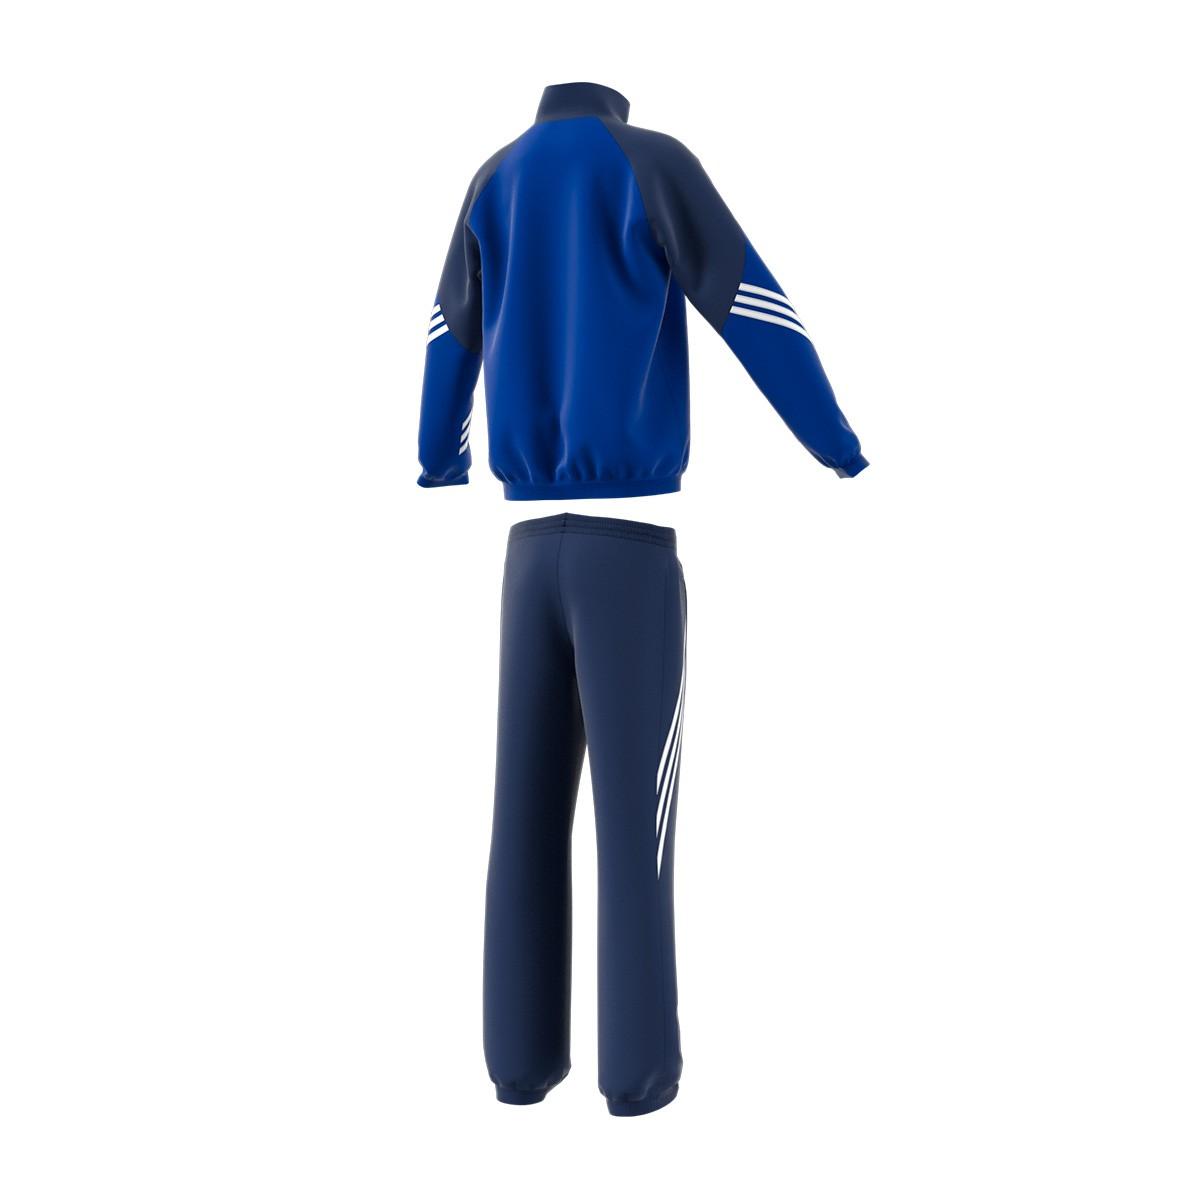 Desgastado Temeridad harto  Chándal adidas Sereno 14 Azul Royal-Azul Marino - Tienda de fútbol Fútbol  Emotion